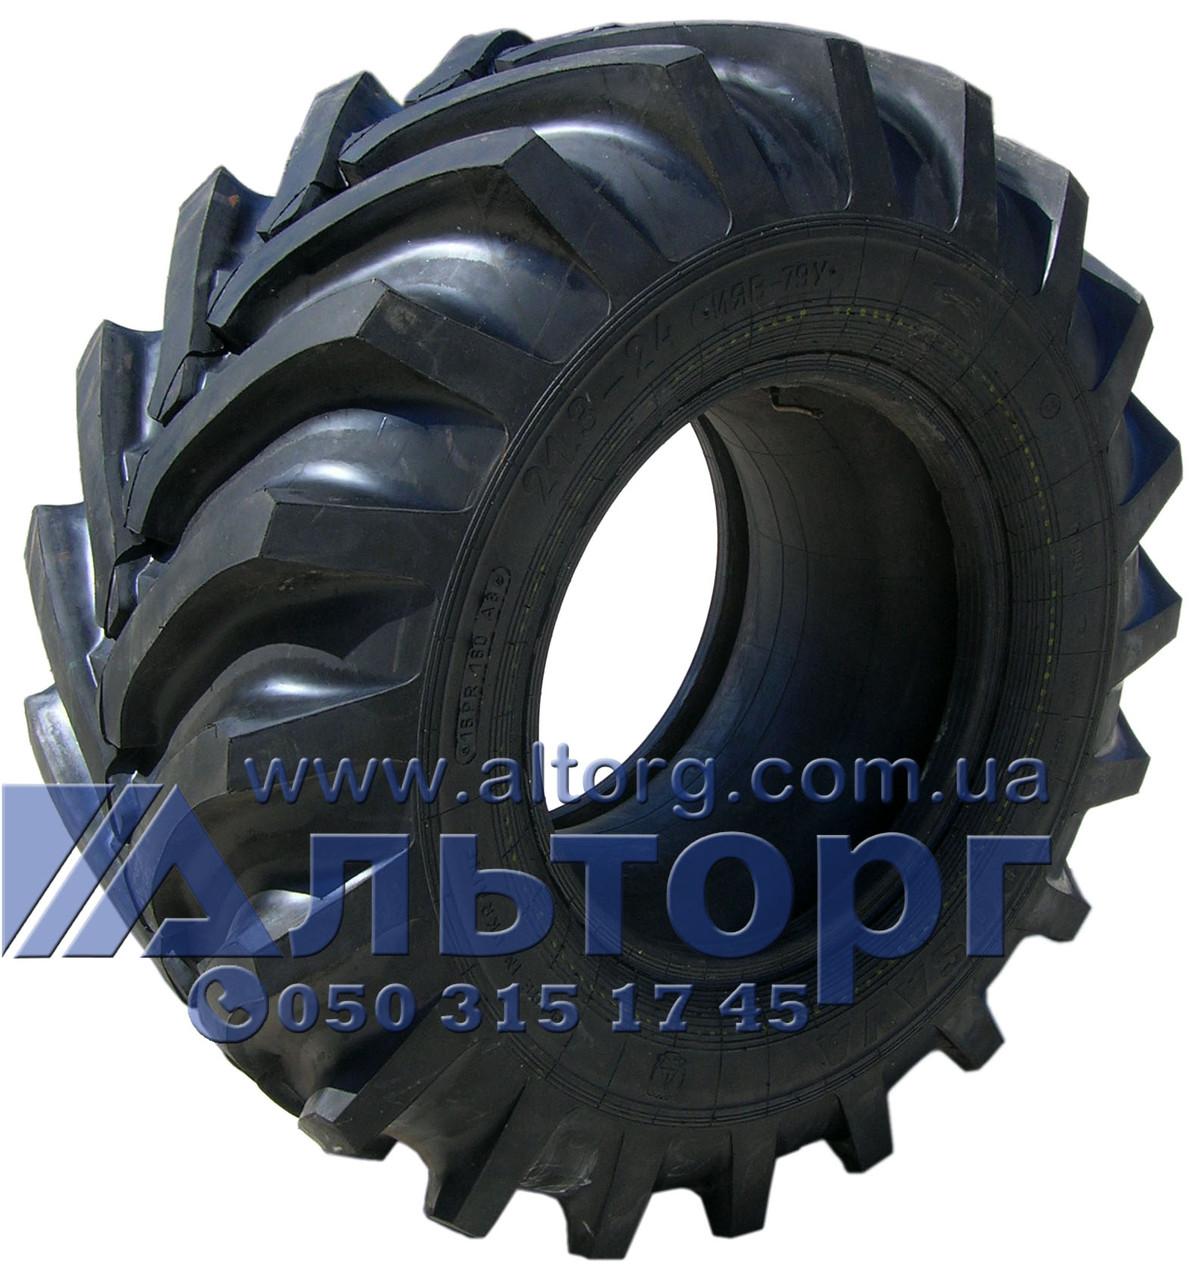 Шина 21.3-24 ИЯВ-79У - Росава